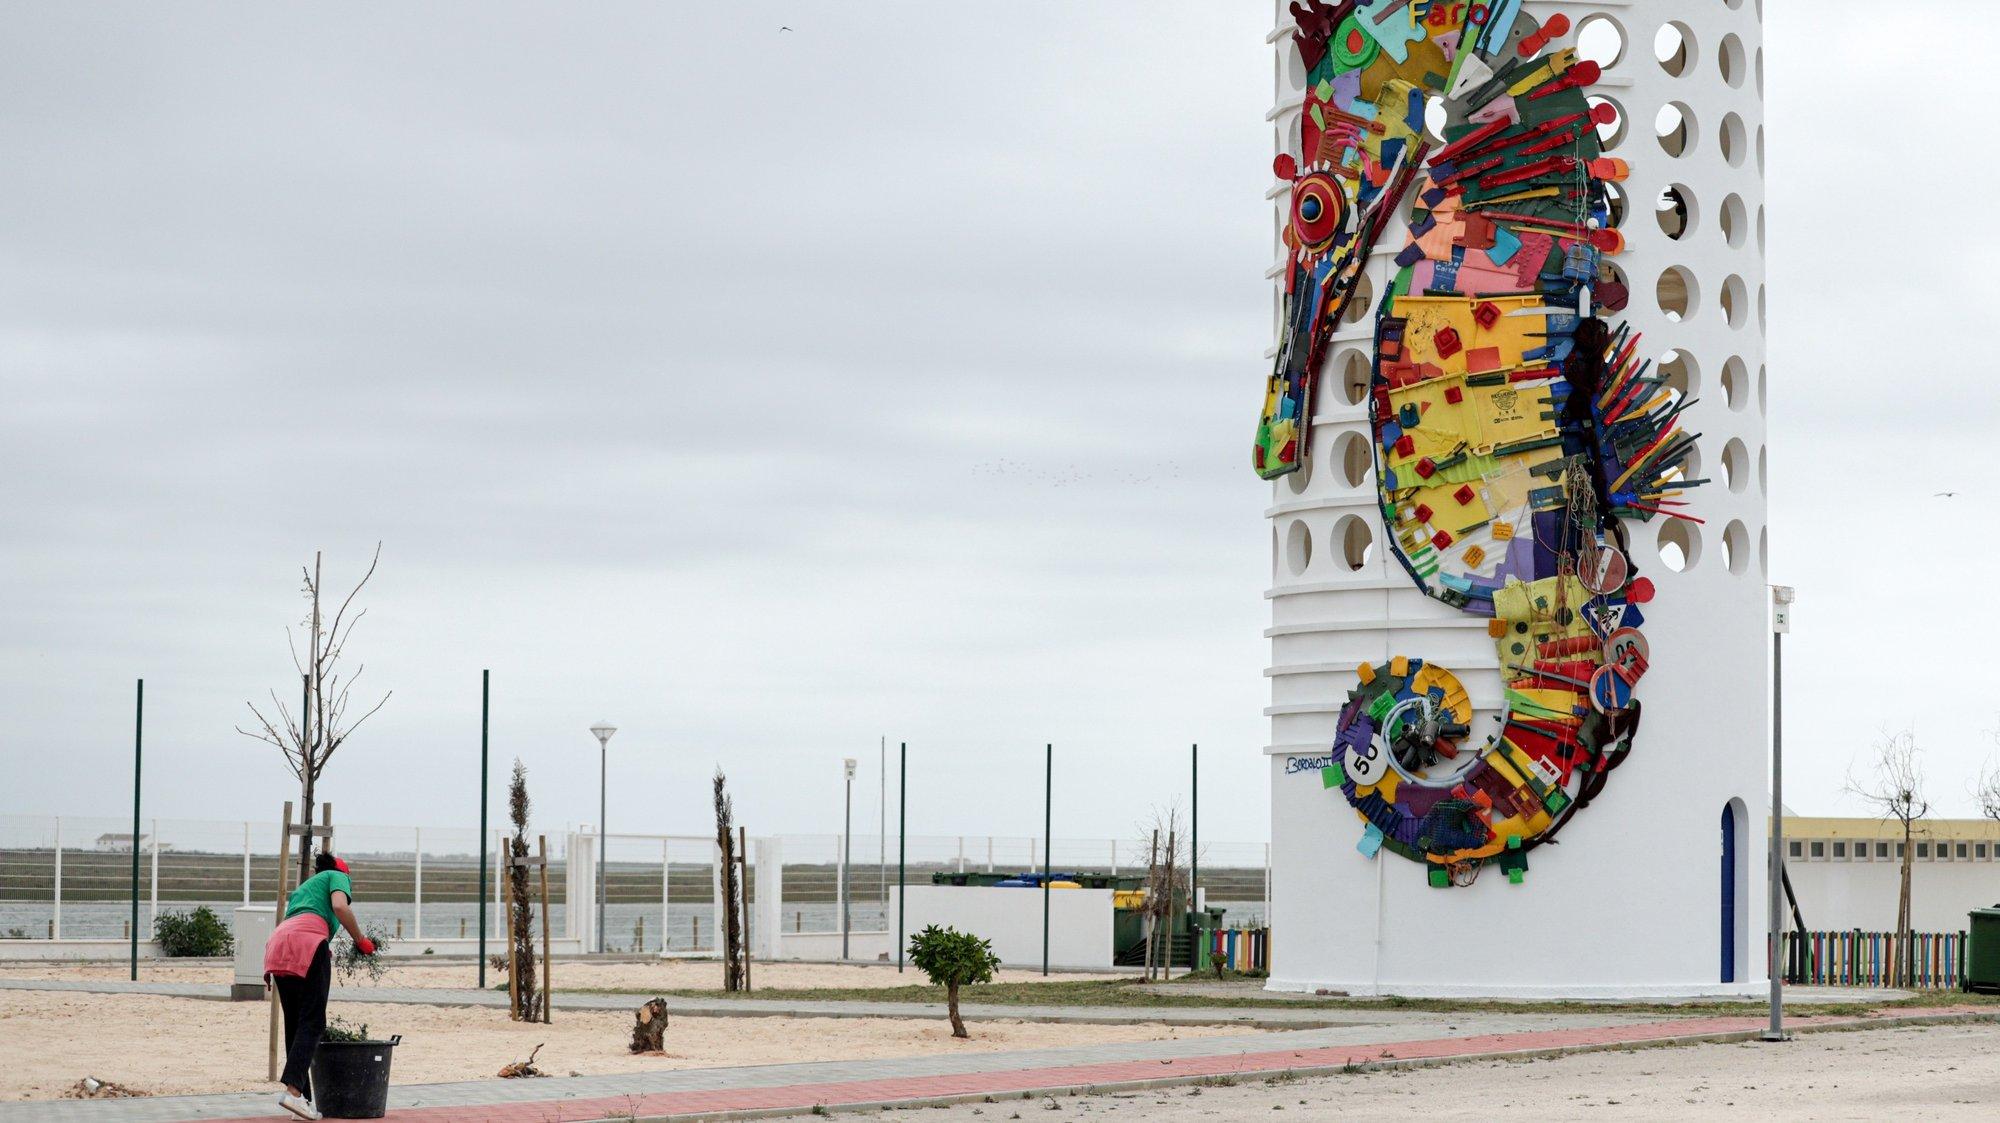 Uma escultura de um Cavalo Marinho, peça escultóricas do artista Bordalo II, promovida pela Câmara Municipal de Faro (CMF) e a Universidade do Algarve (UAlg), é vista na torre do depósito de água do parque de campismo da praia de Faro, no dia da sua inauguração, em Faro, 09 de abril de 2021. (ACOMPANHA TEXTO). LUÍS FORRA/LUSA